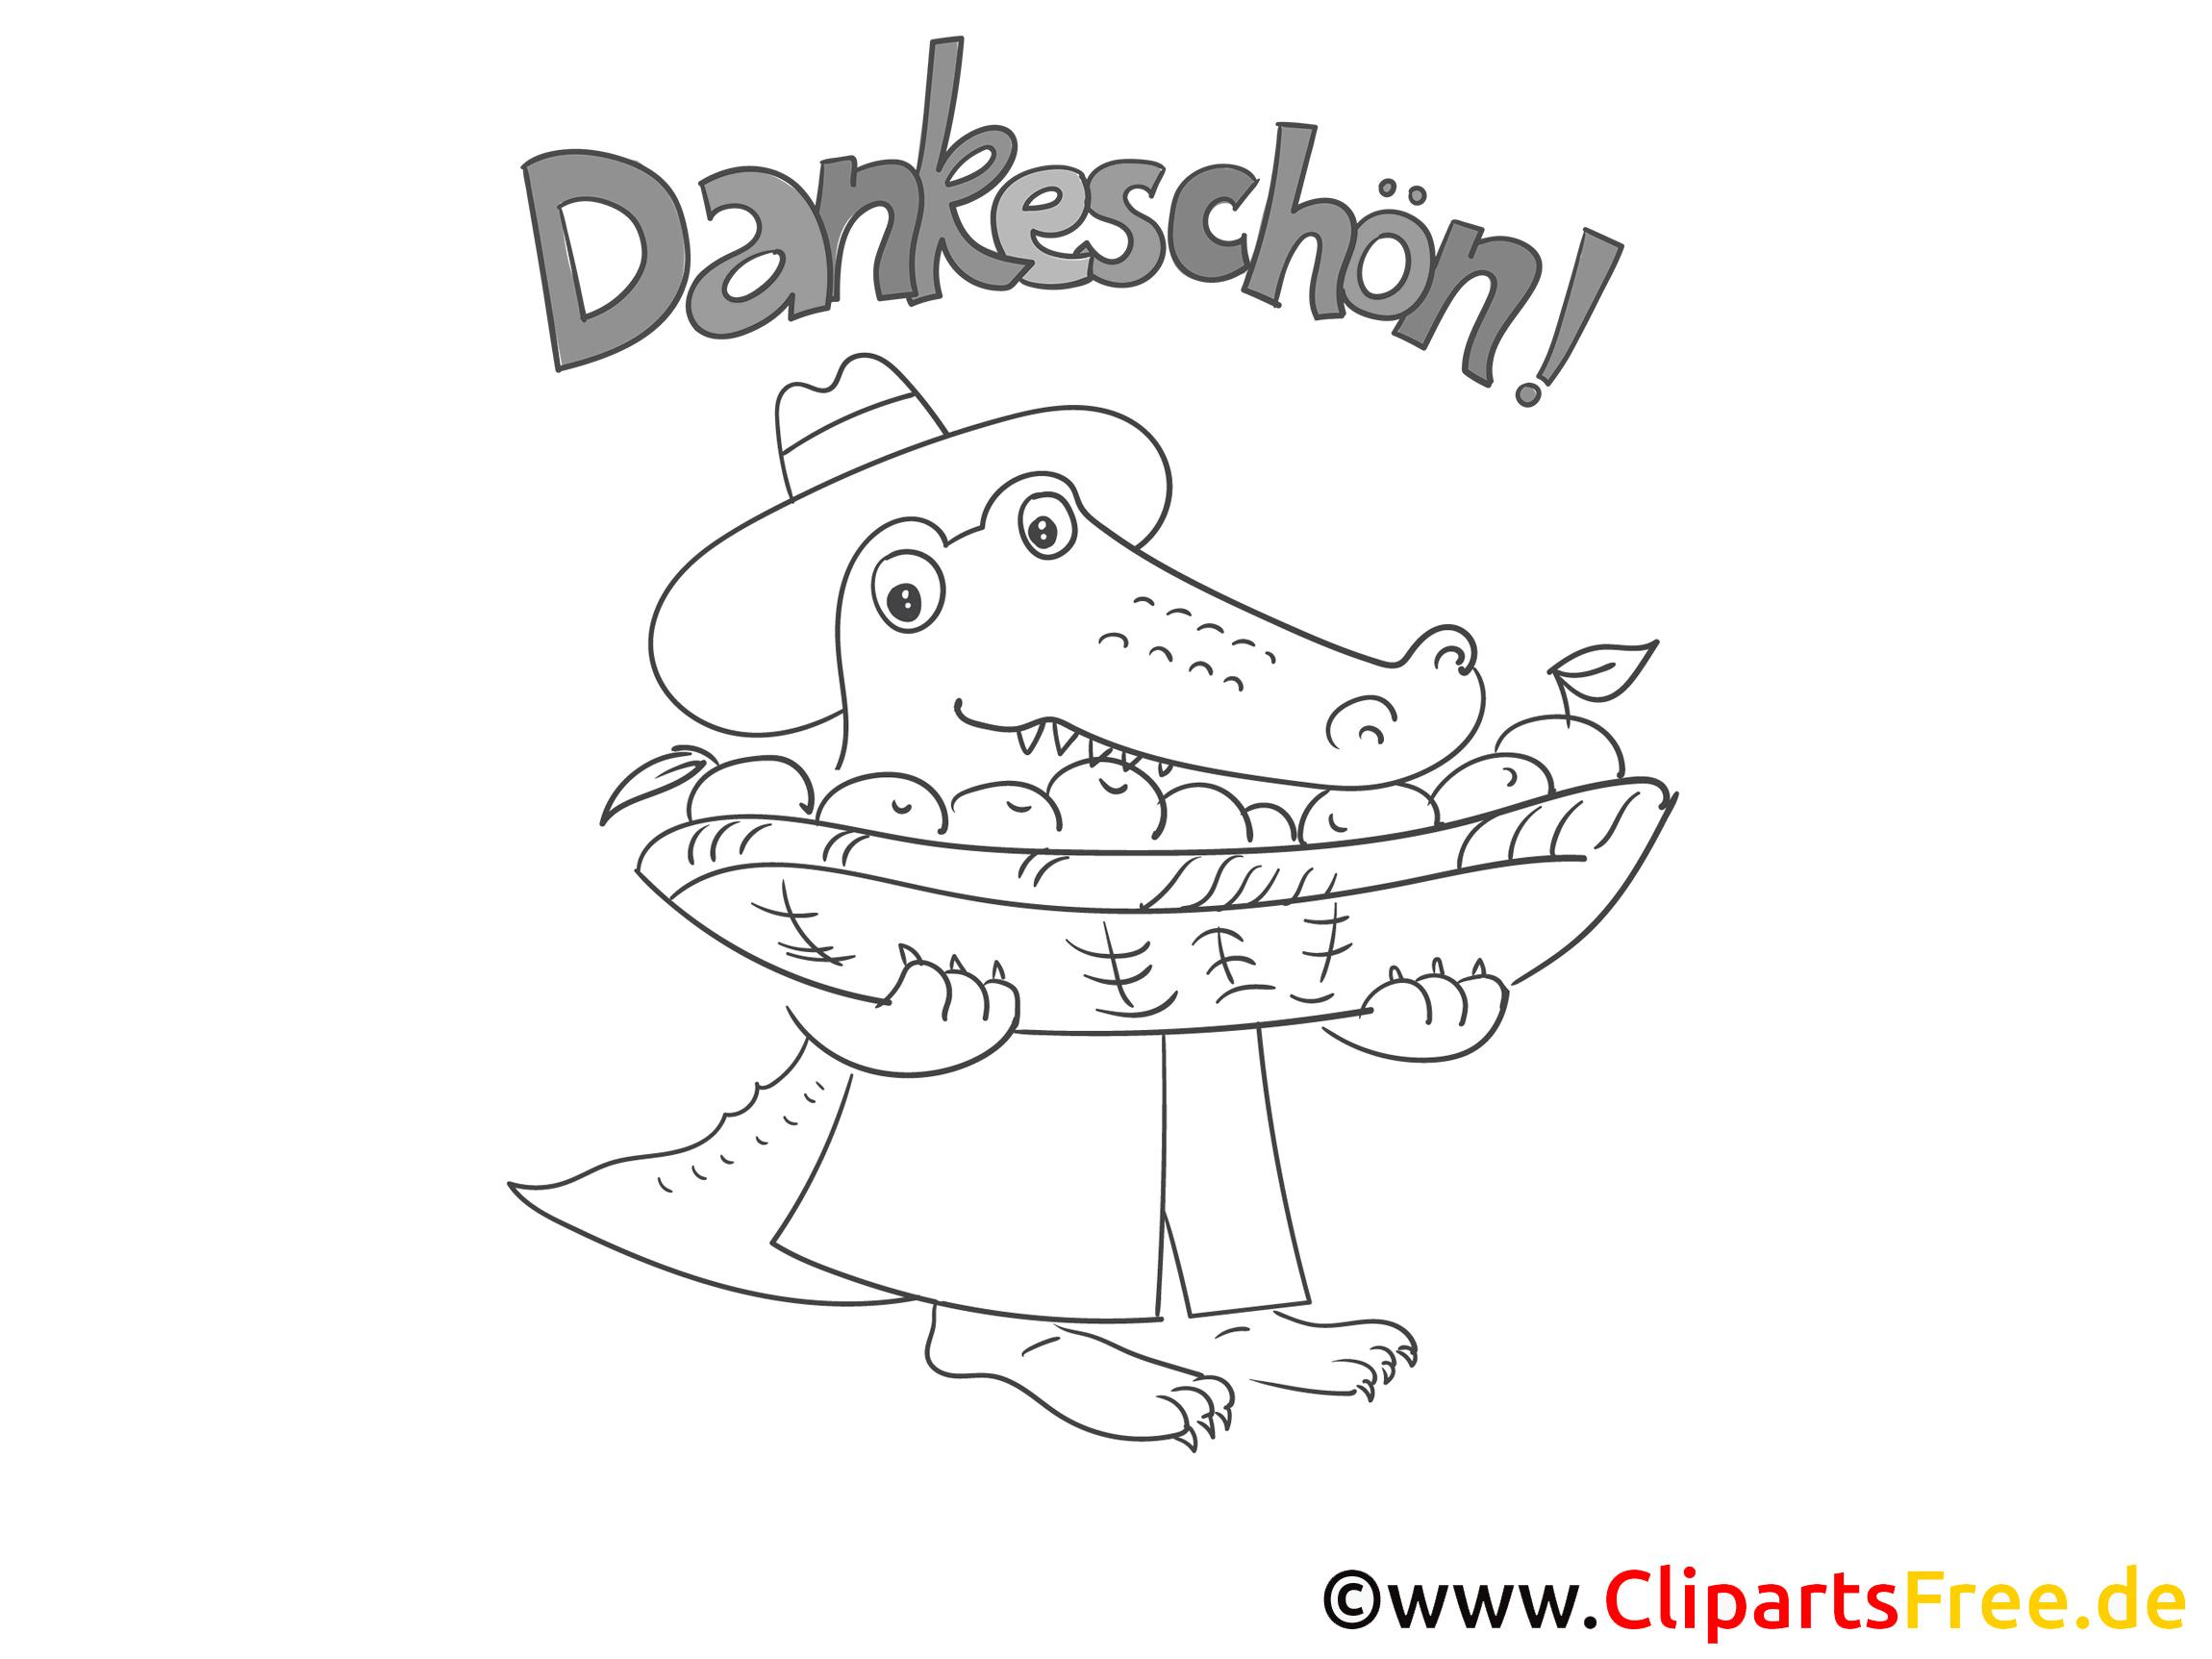 Groß Früchte Malblatt Bilder - Malvorlagen Von Tieren - ngadi.info